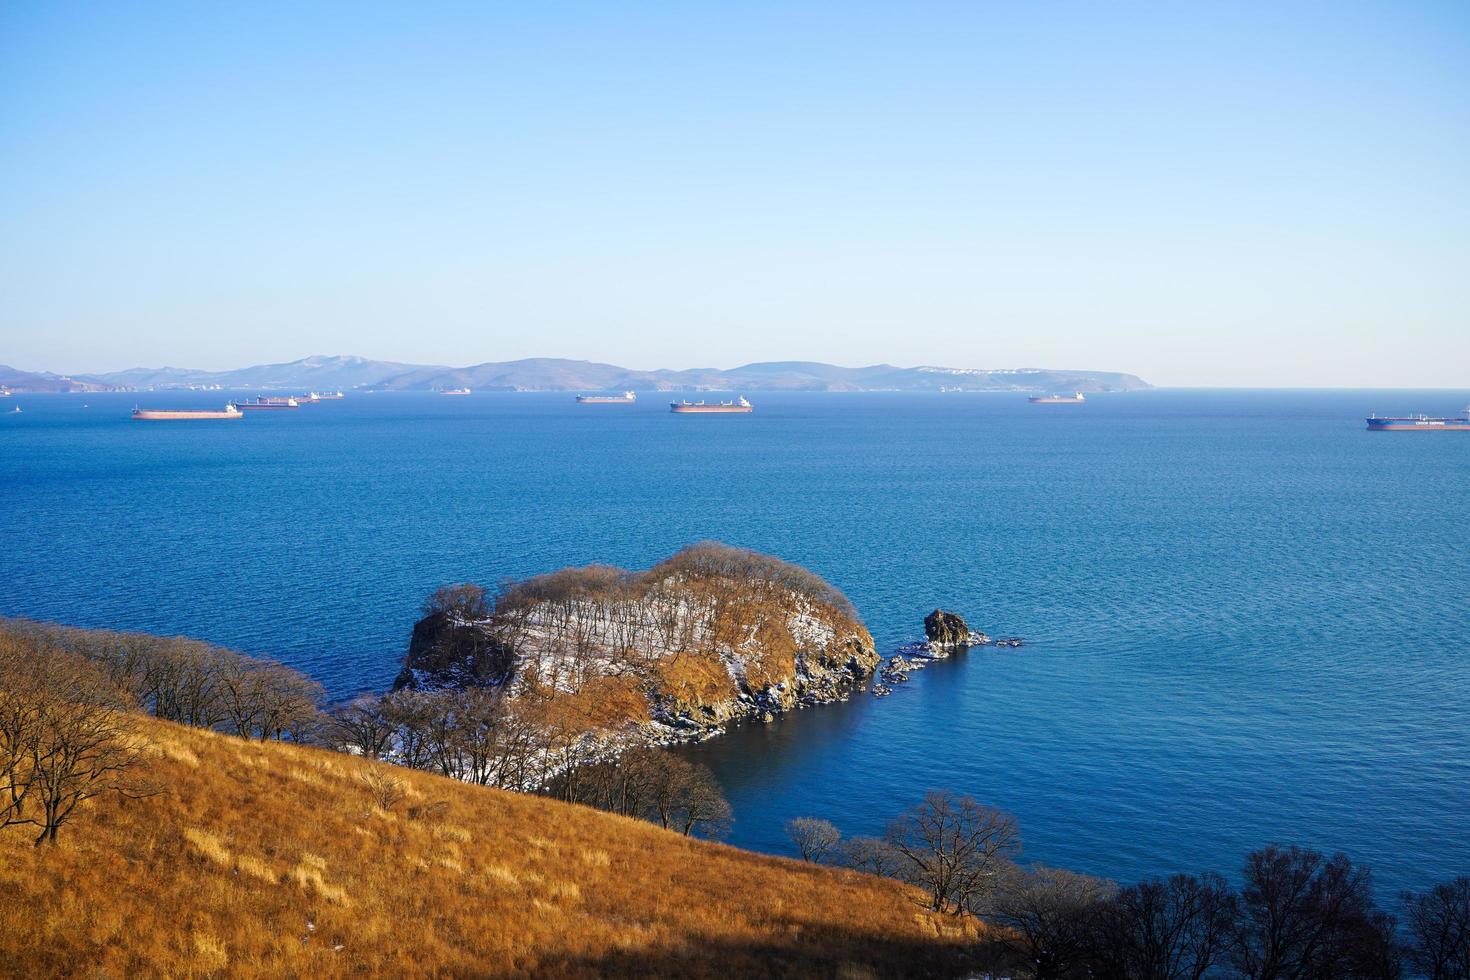 zeegezicht met uitzicht op de baai van Nakhodka en schepen foto